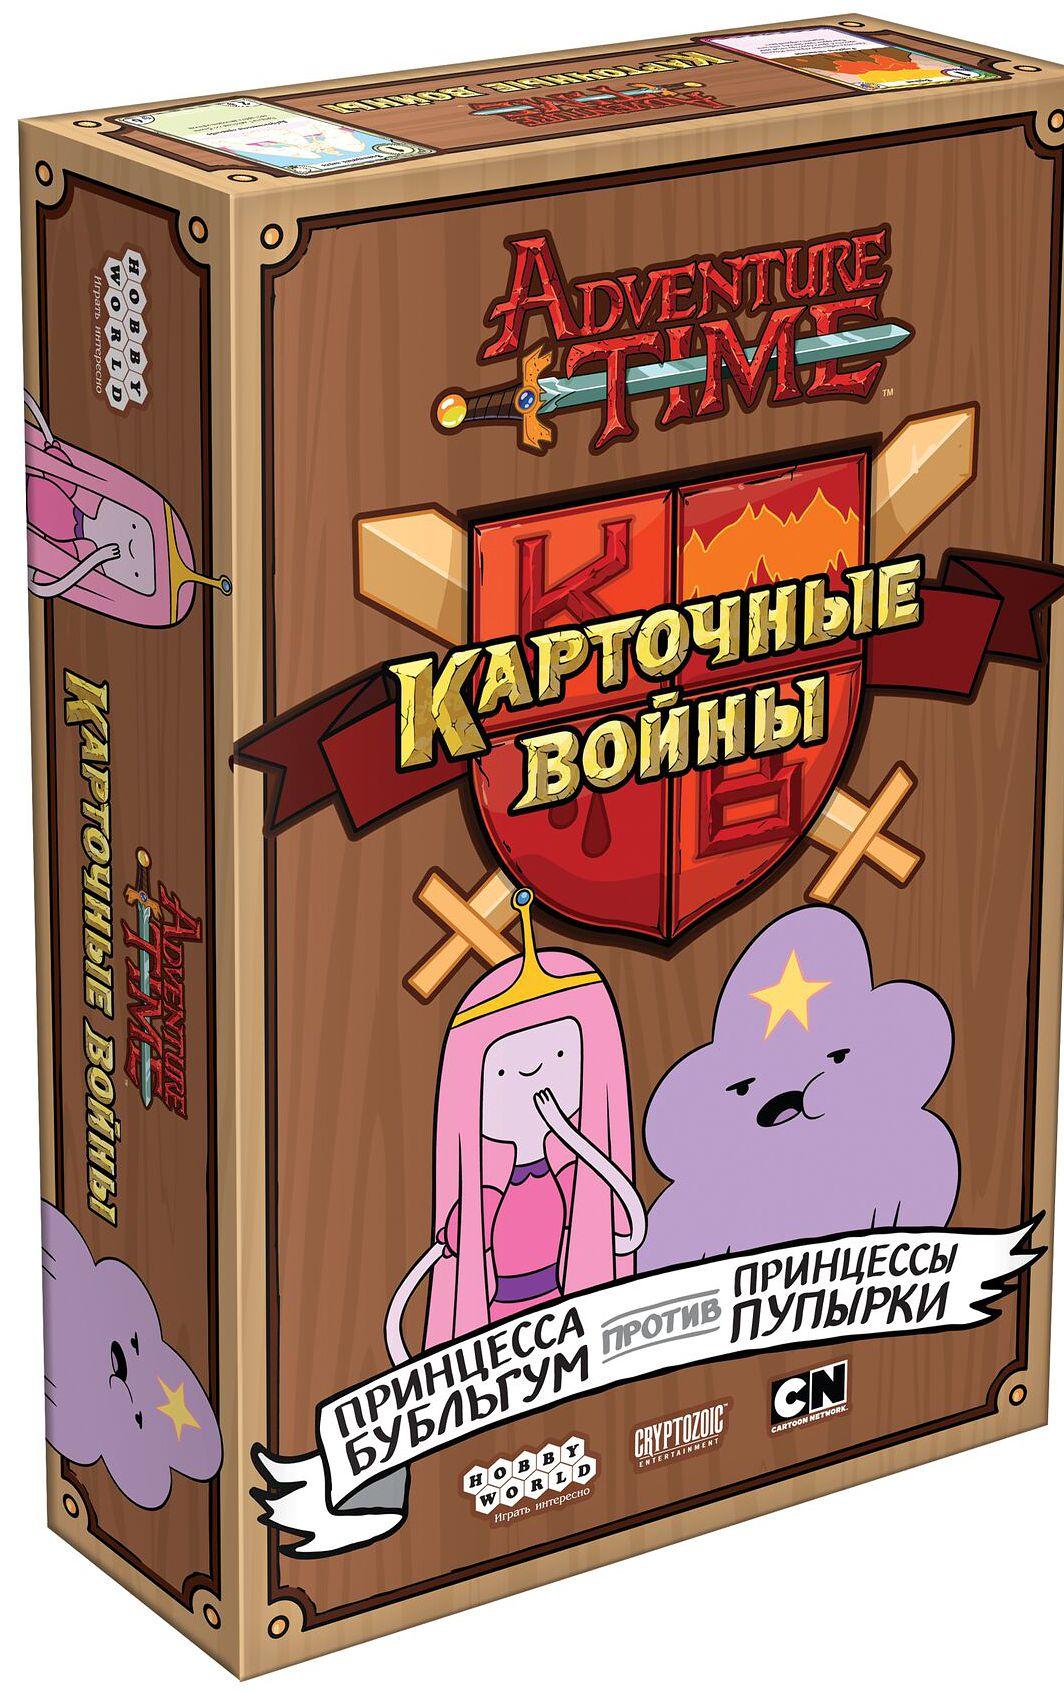 Настольная игра Adventure Time Карточные войны: Принцесса Бубльгум против Принцессы ПупыркиСыграй в коллекционную карточную игру, как герои мультфильма «Время приключений»! В настольное сражение вступают добрые земли – вместе с доброзавром, пушистым козликом и ванильным ангелком. И только губительная мощь вулкана способна обуздать это нашествие милоты!<br>